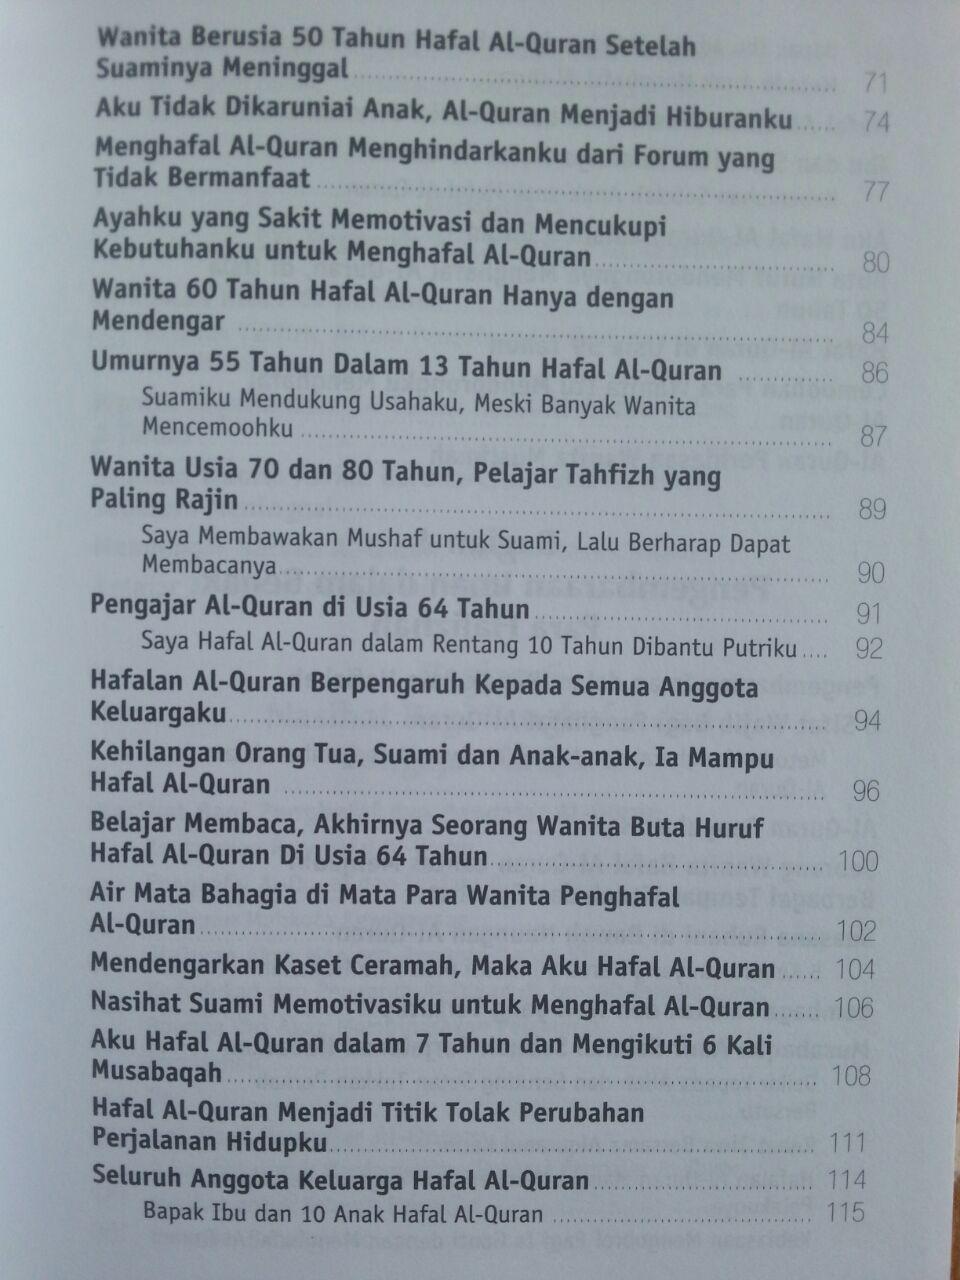 Buku Kisah Inspiratif Penghafal Al-Quran isi